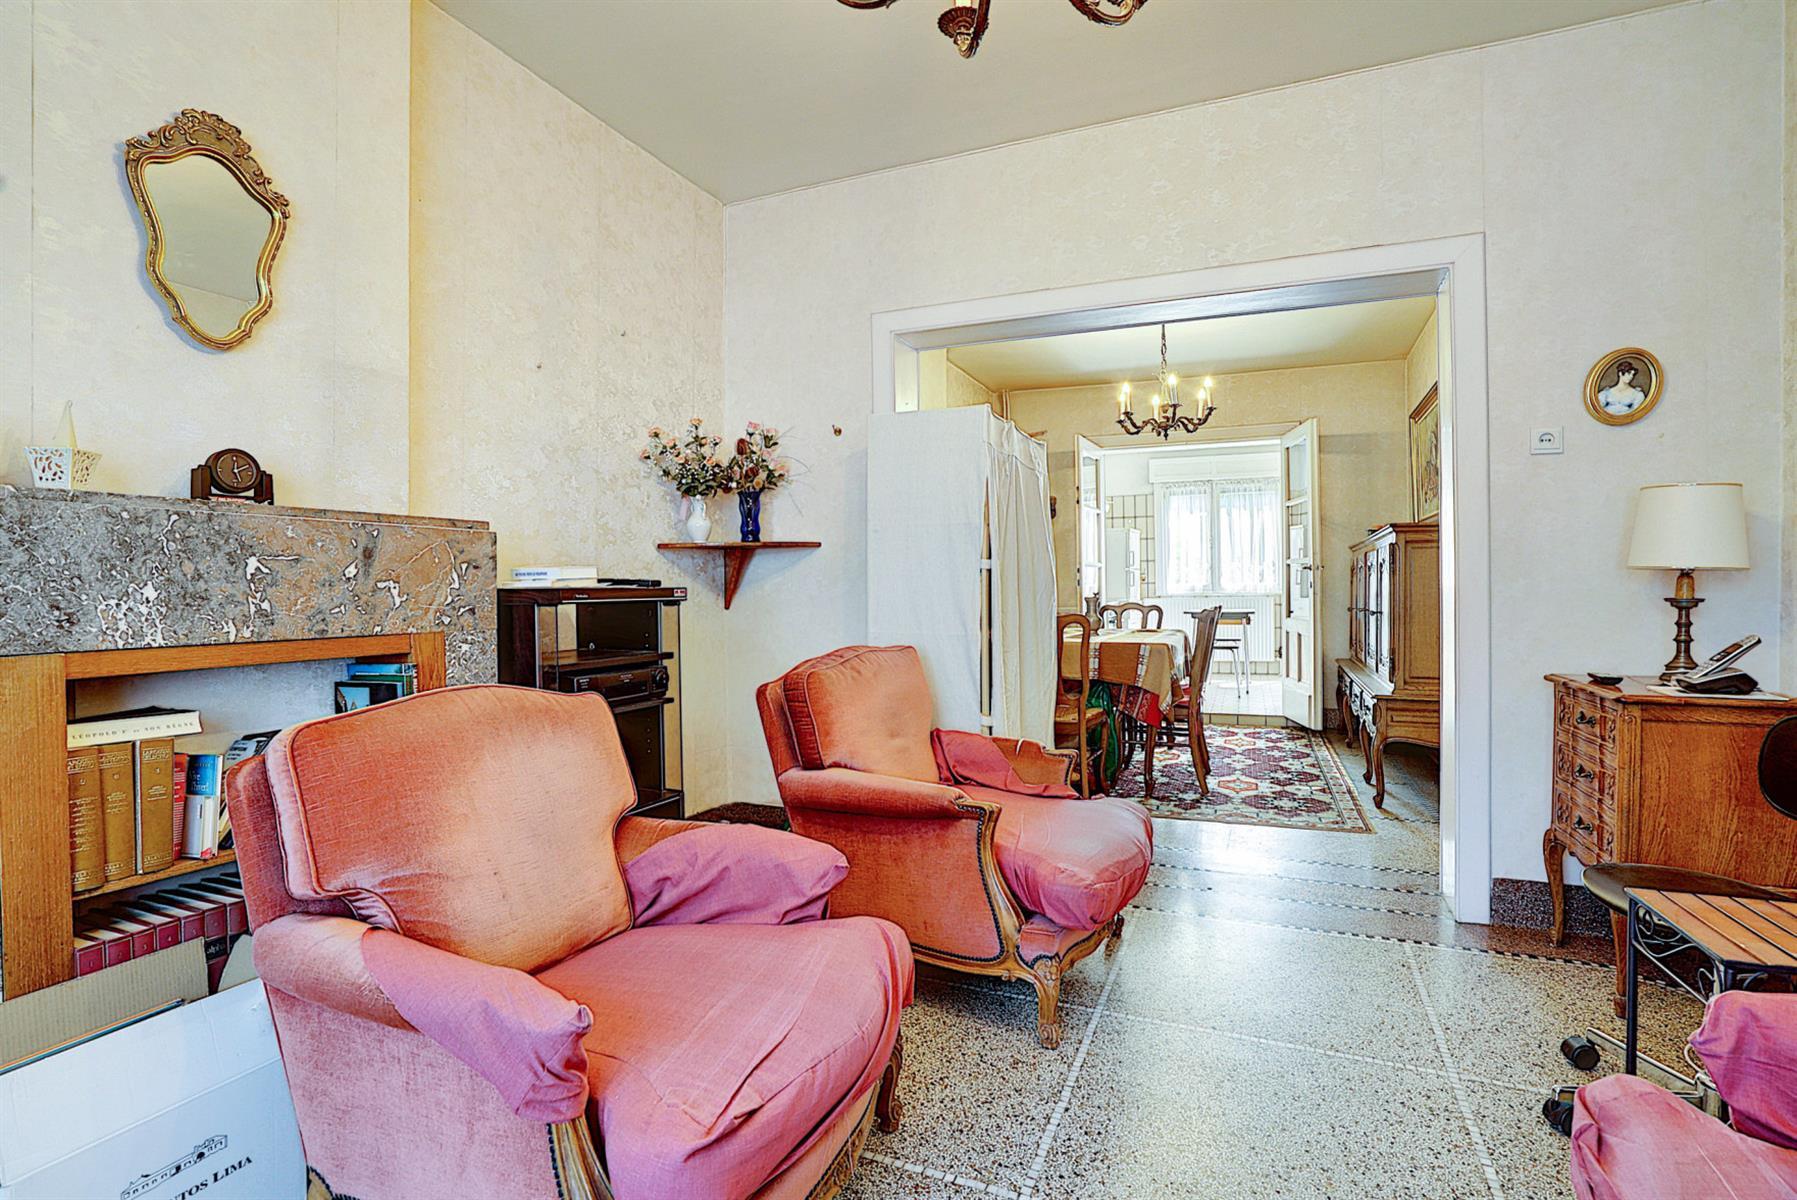 Maison - Court-saint-Étienne - #4499148-2